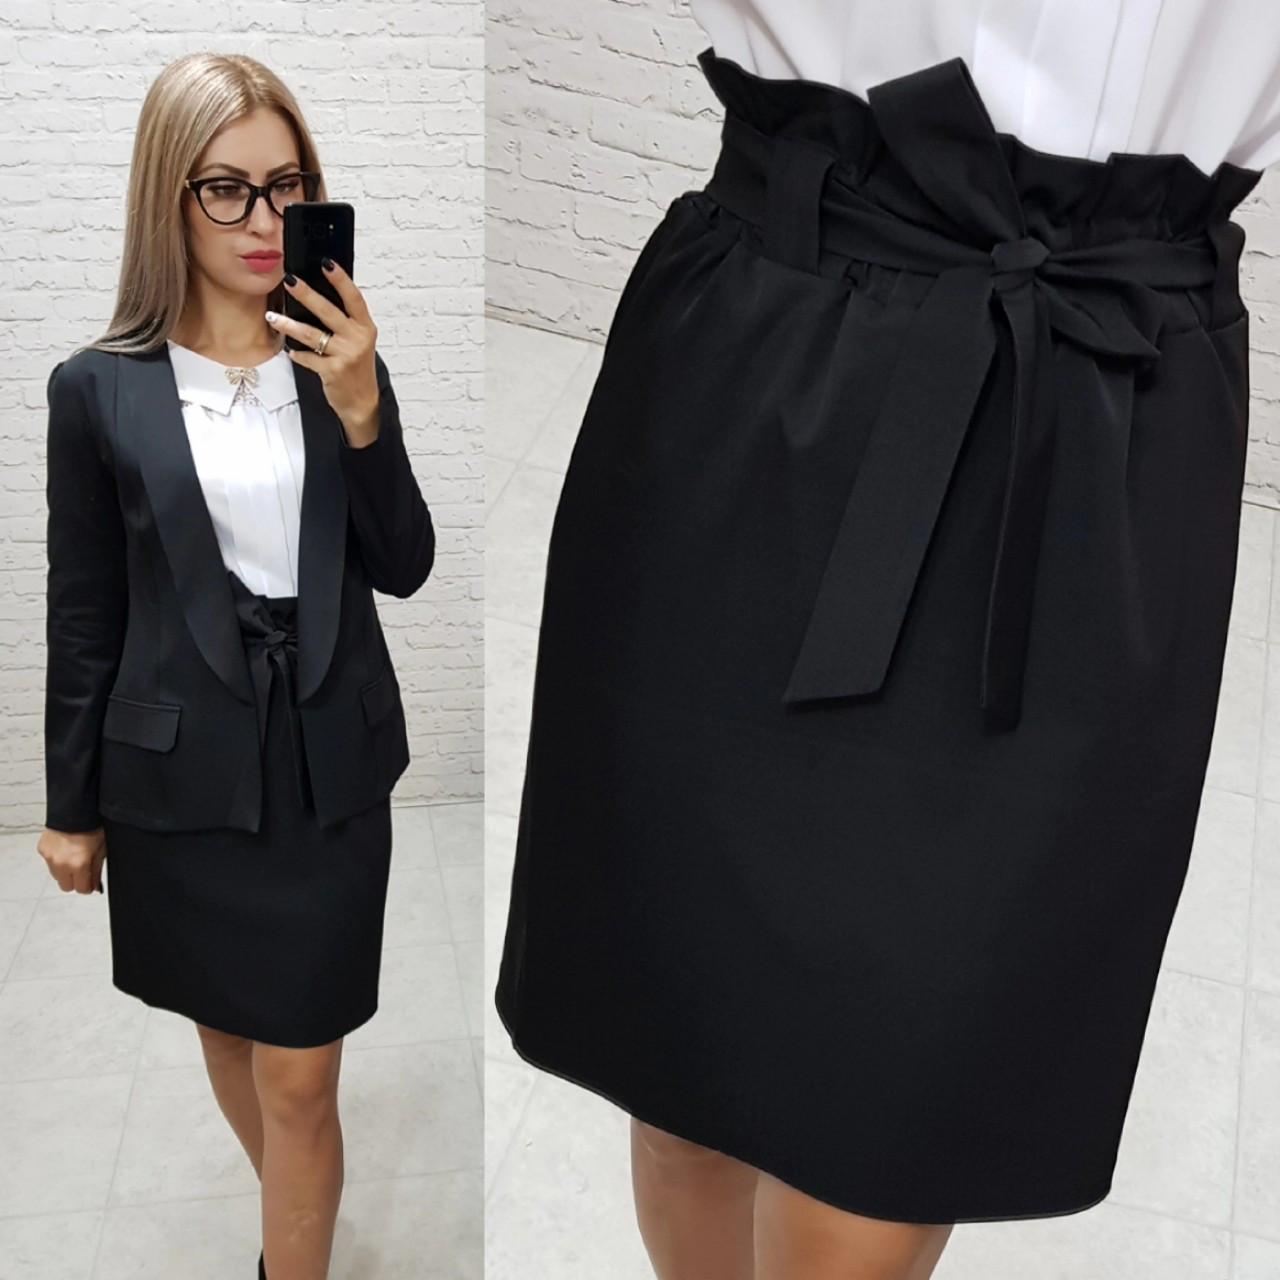 Костюм двойка Khan classic арт. 2 (жакет + юбка) черный